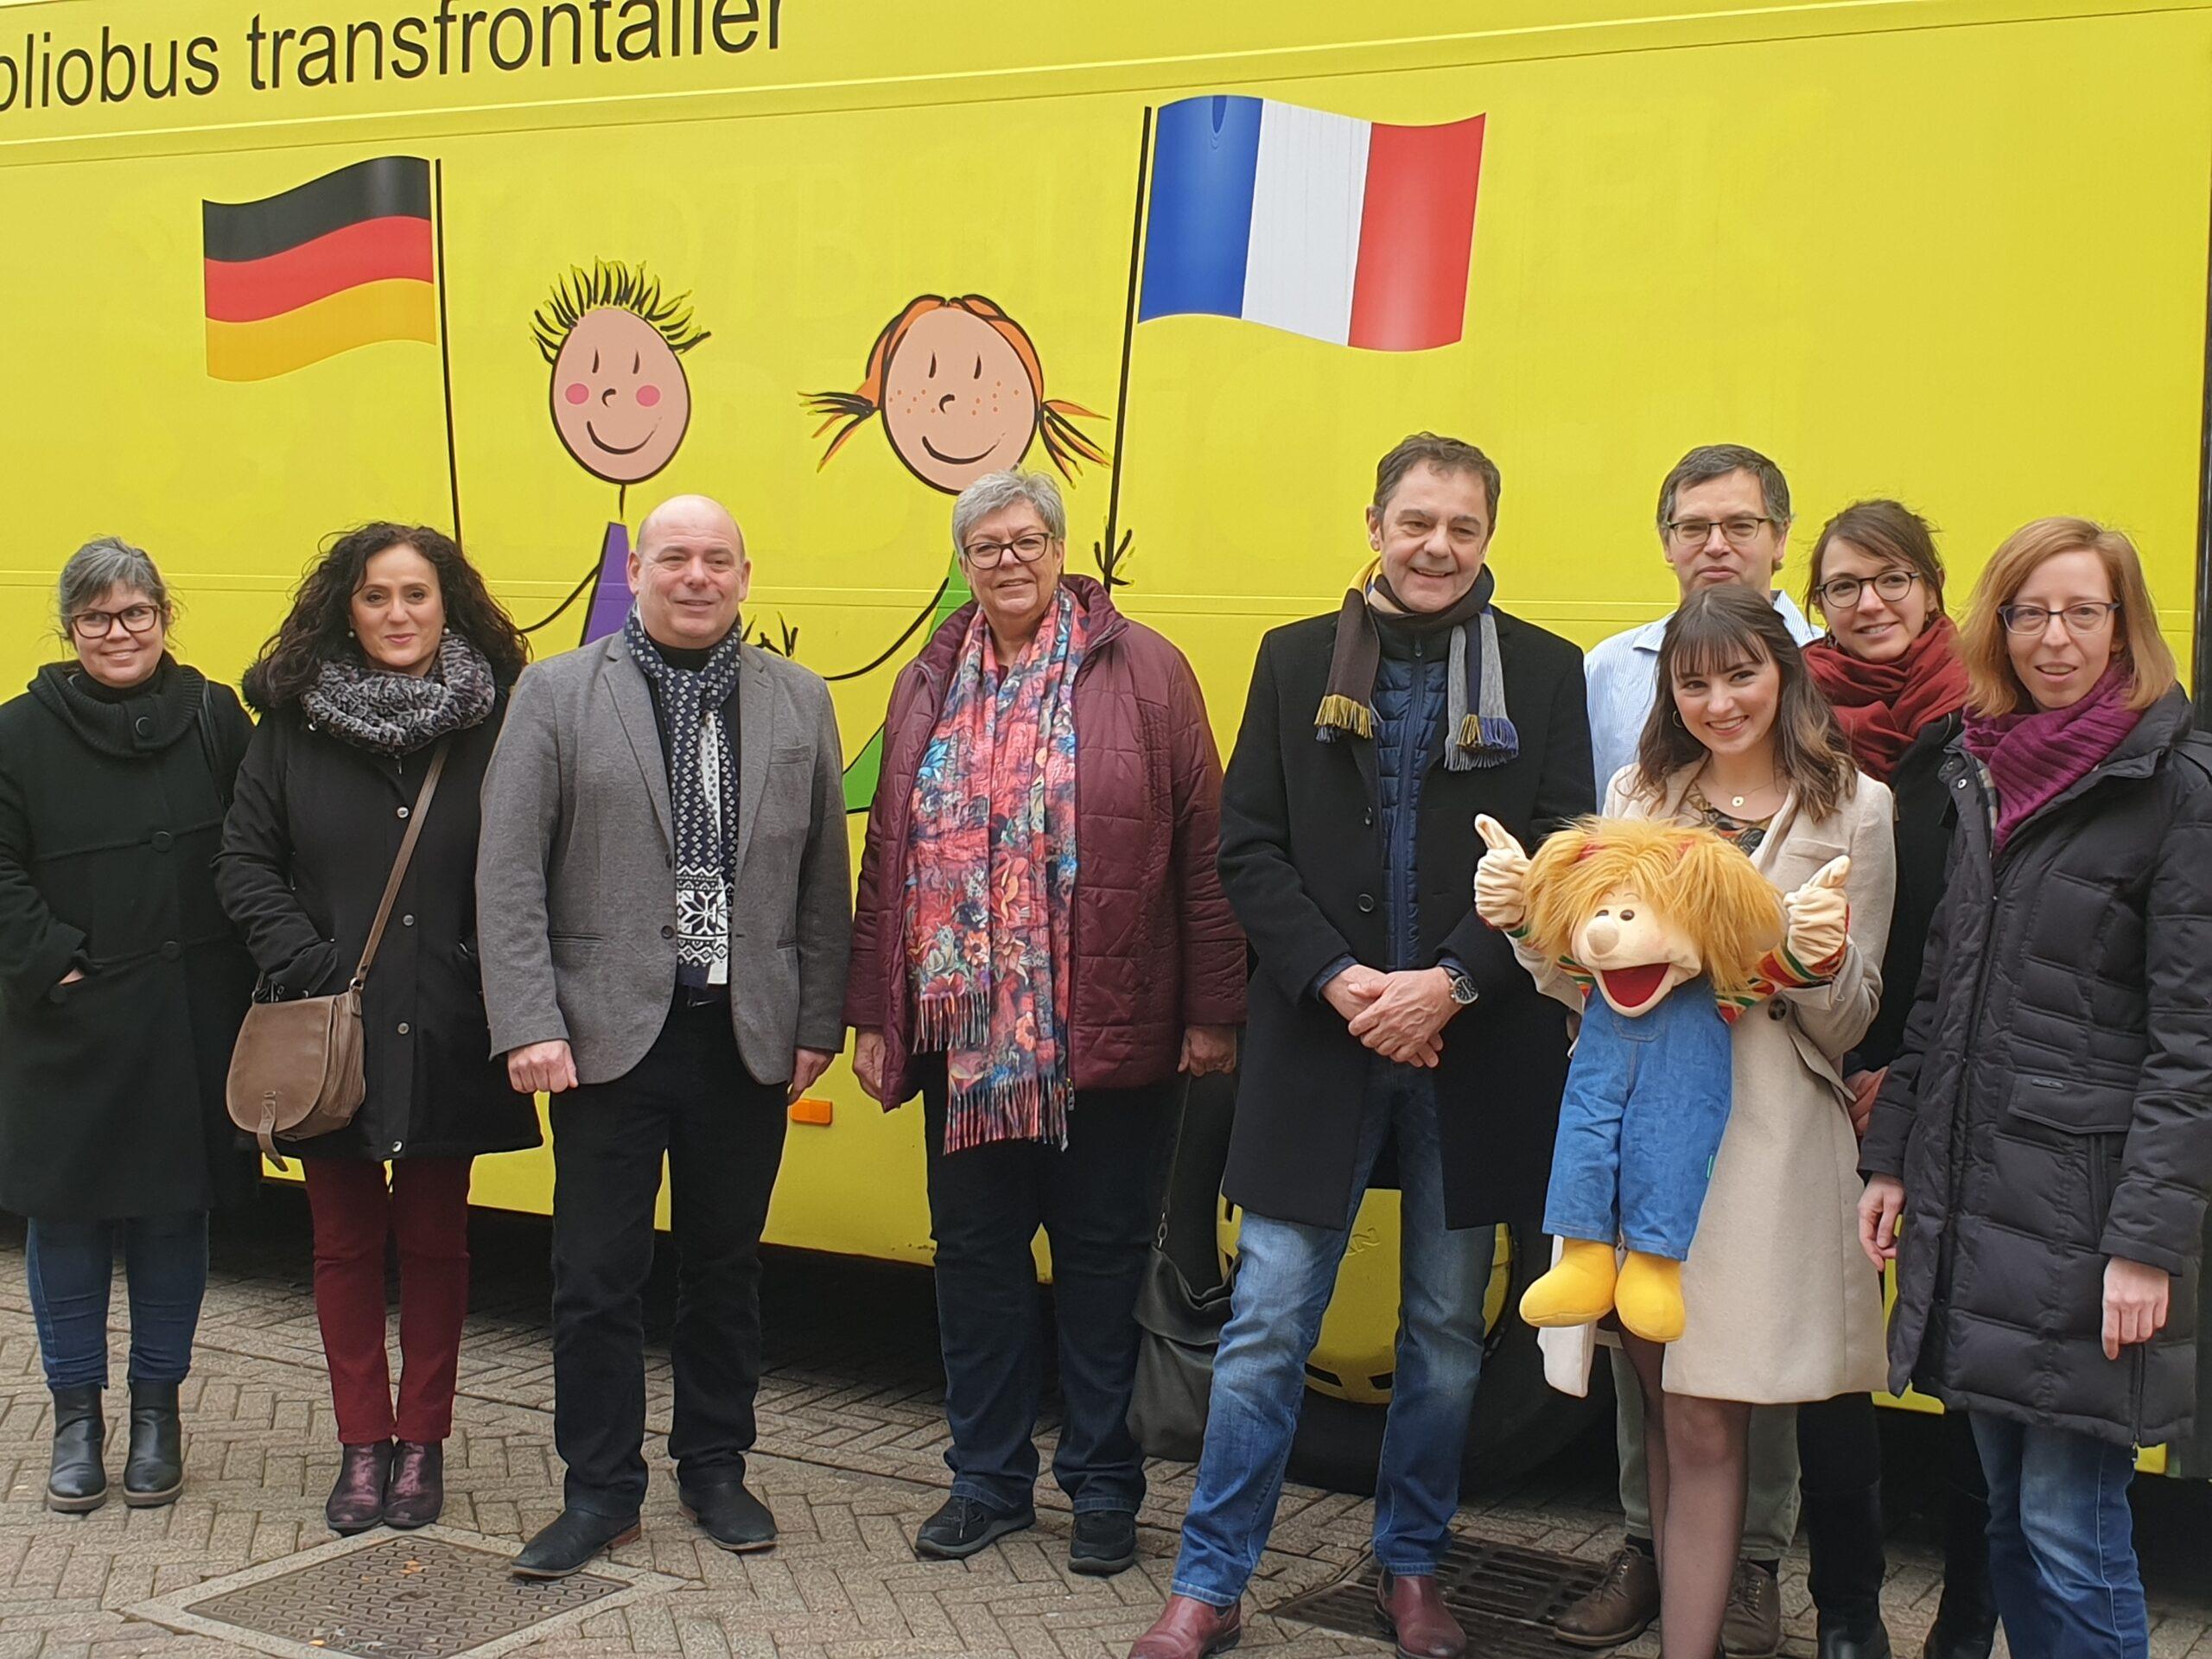 Menschen vor Bus mit deutscher und französicher Flagge